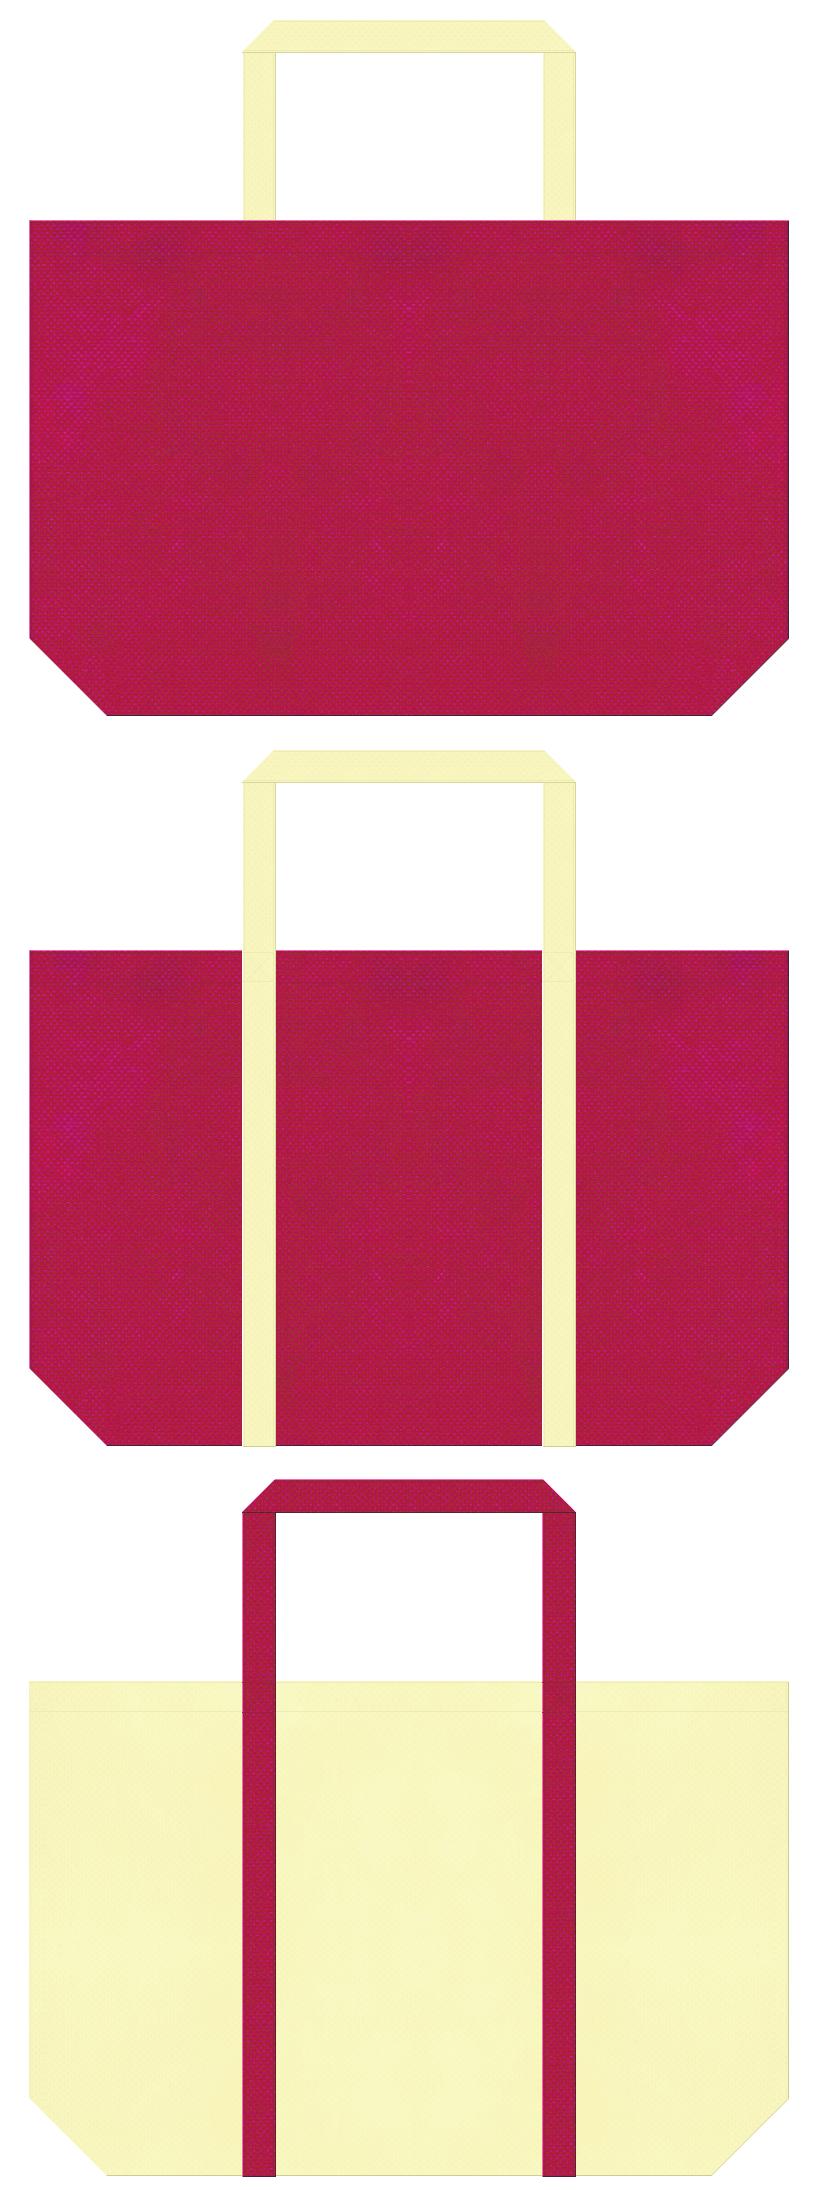 通園バッグ・ひな祭り・むかし話・月・かぐや姫・絵本・キッズイベントにお奨めの不織布バッグデザイン:濃いピンク色と薄黄色のコーデ